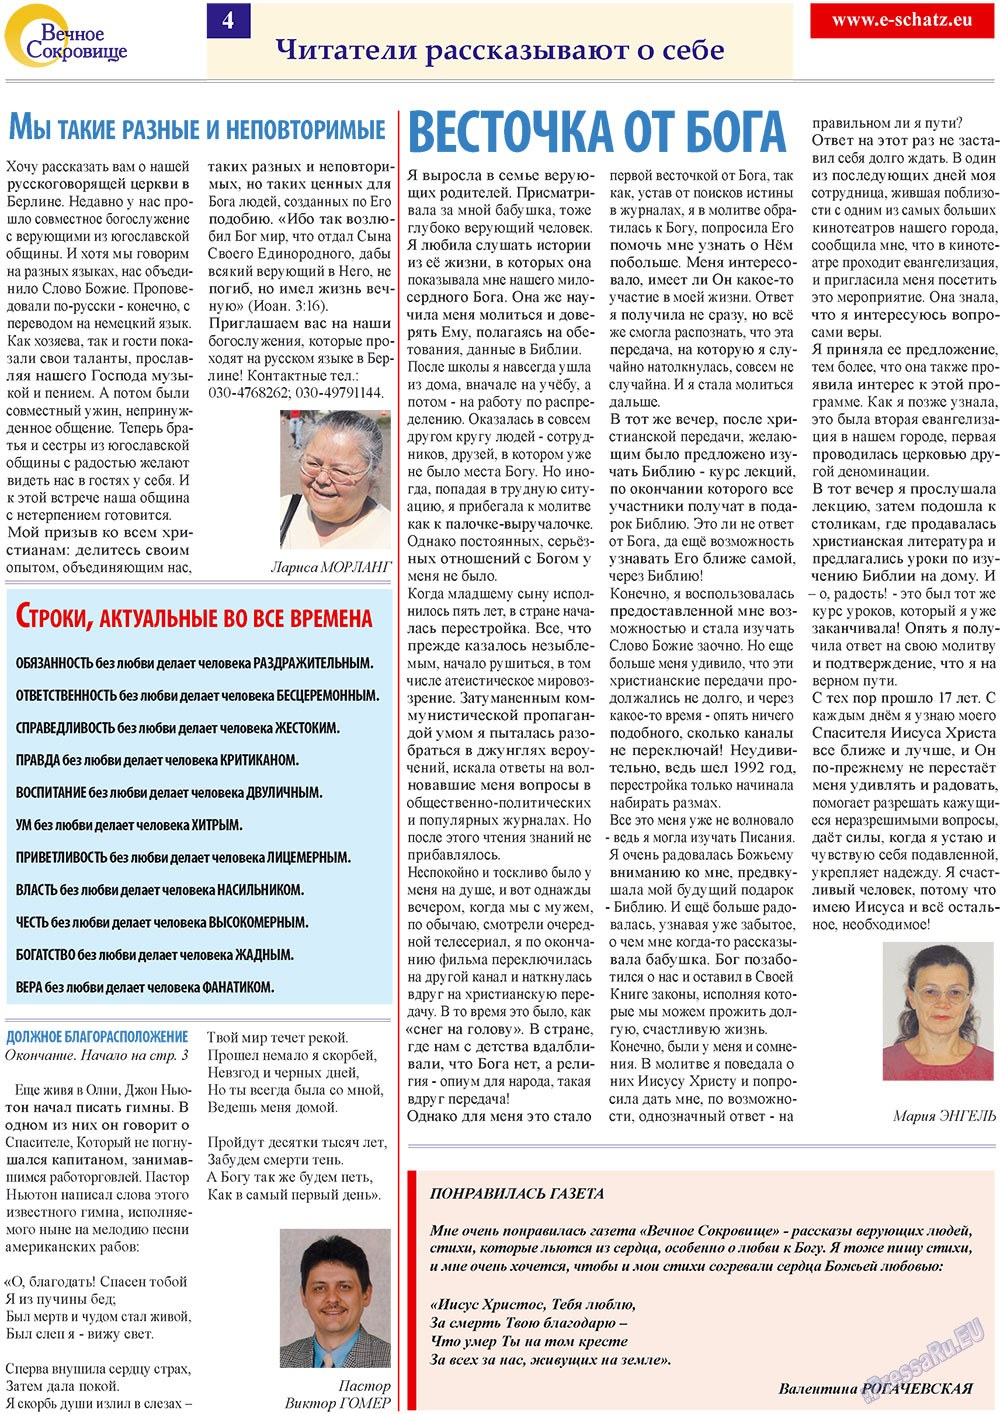 Вечное сокровище (газета). 2010 год, номер 2, стр. 4